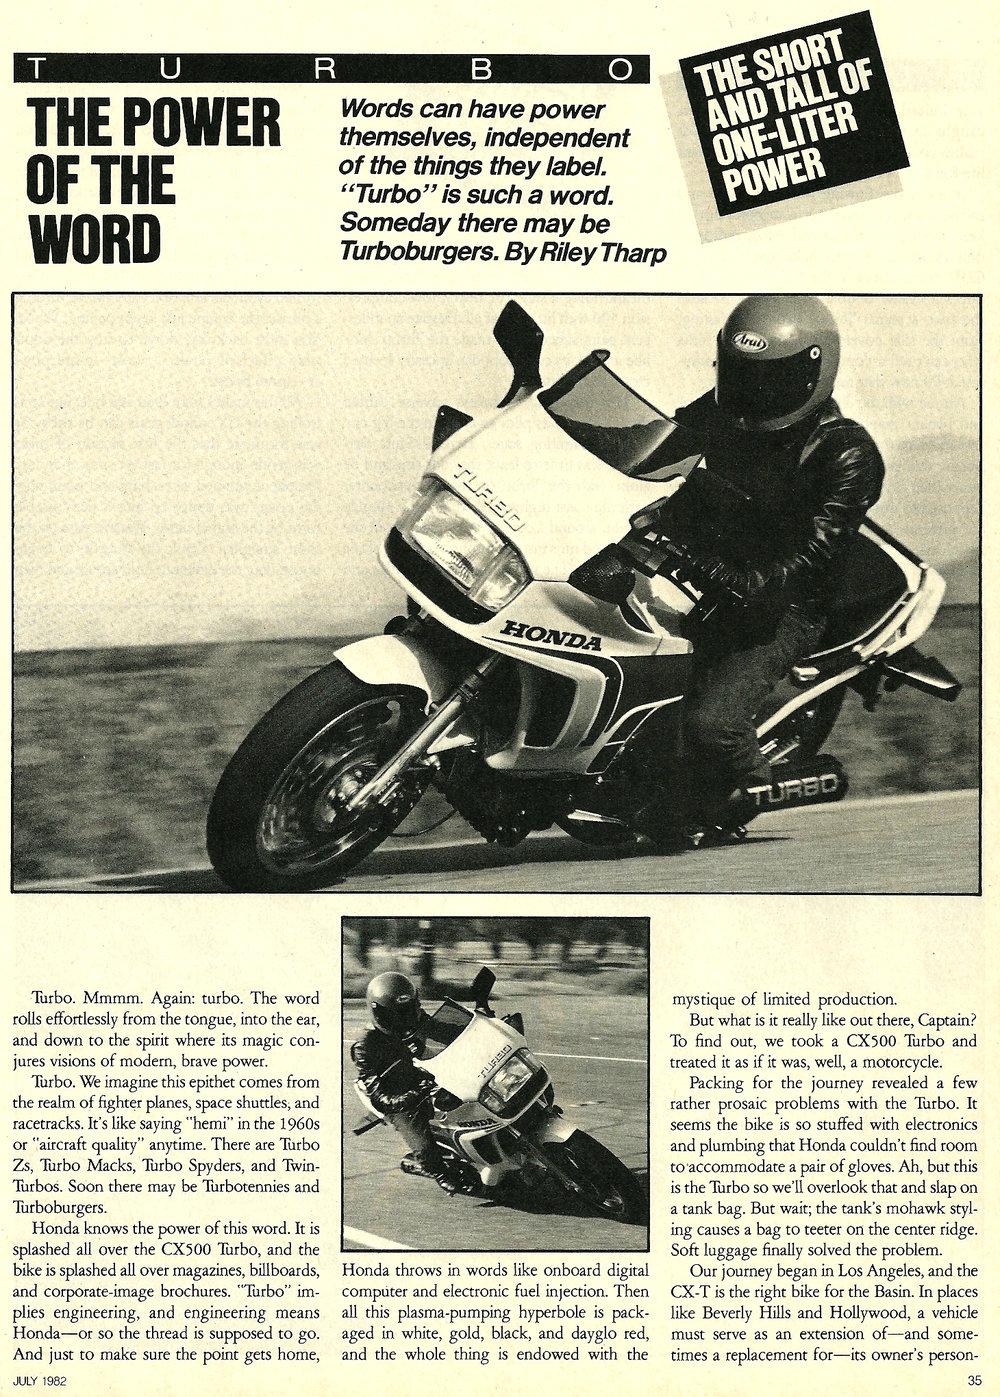 1982 Honda CBX vs CX 500 Turbo road test 05.jpg